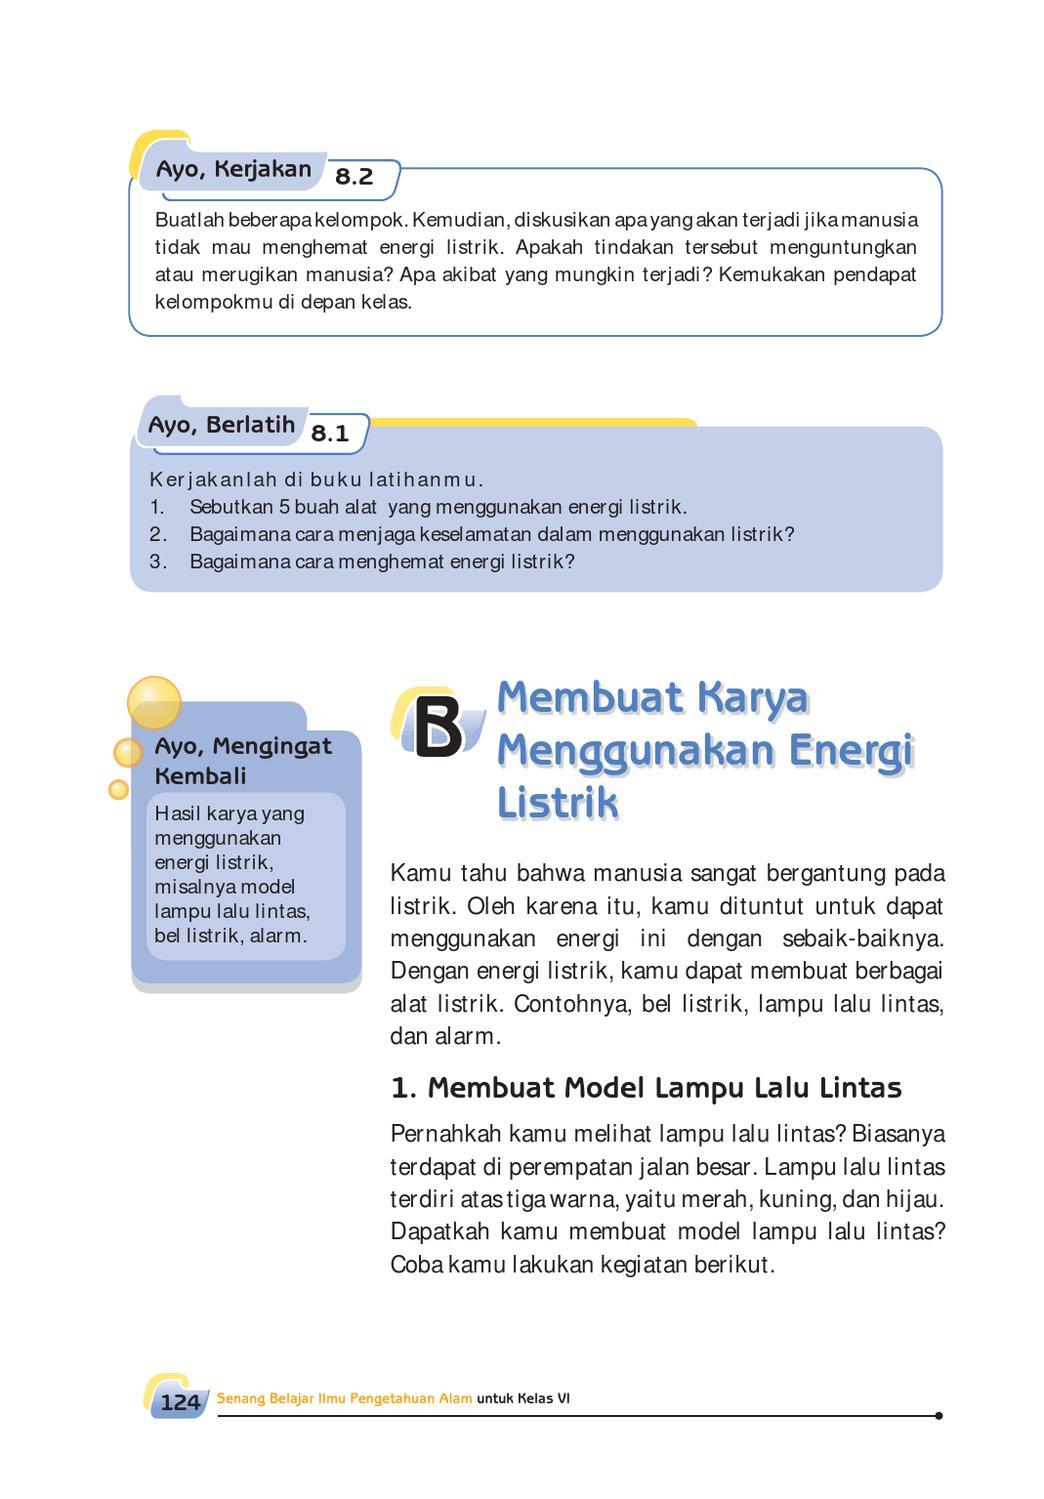 Sebutkan 3 Cara Menghemat Energi Listrik Coba Sebutkan